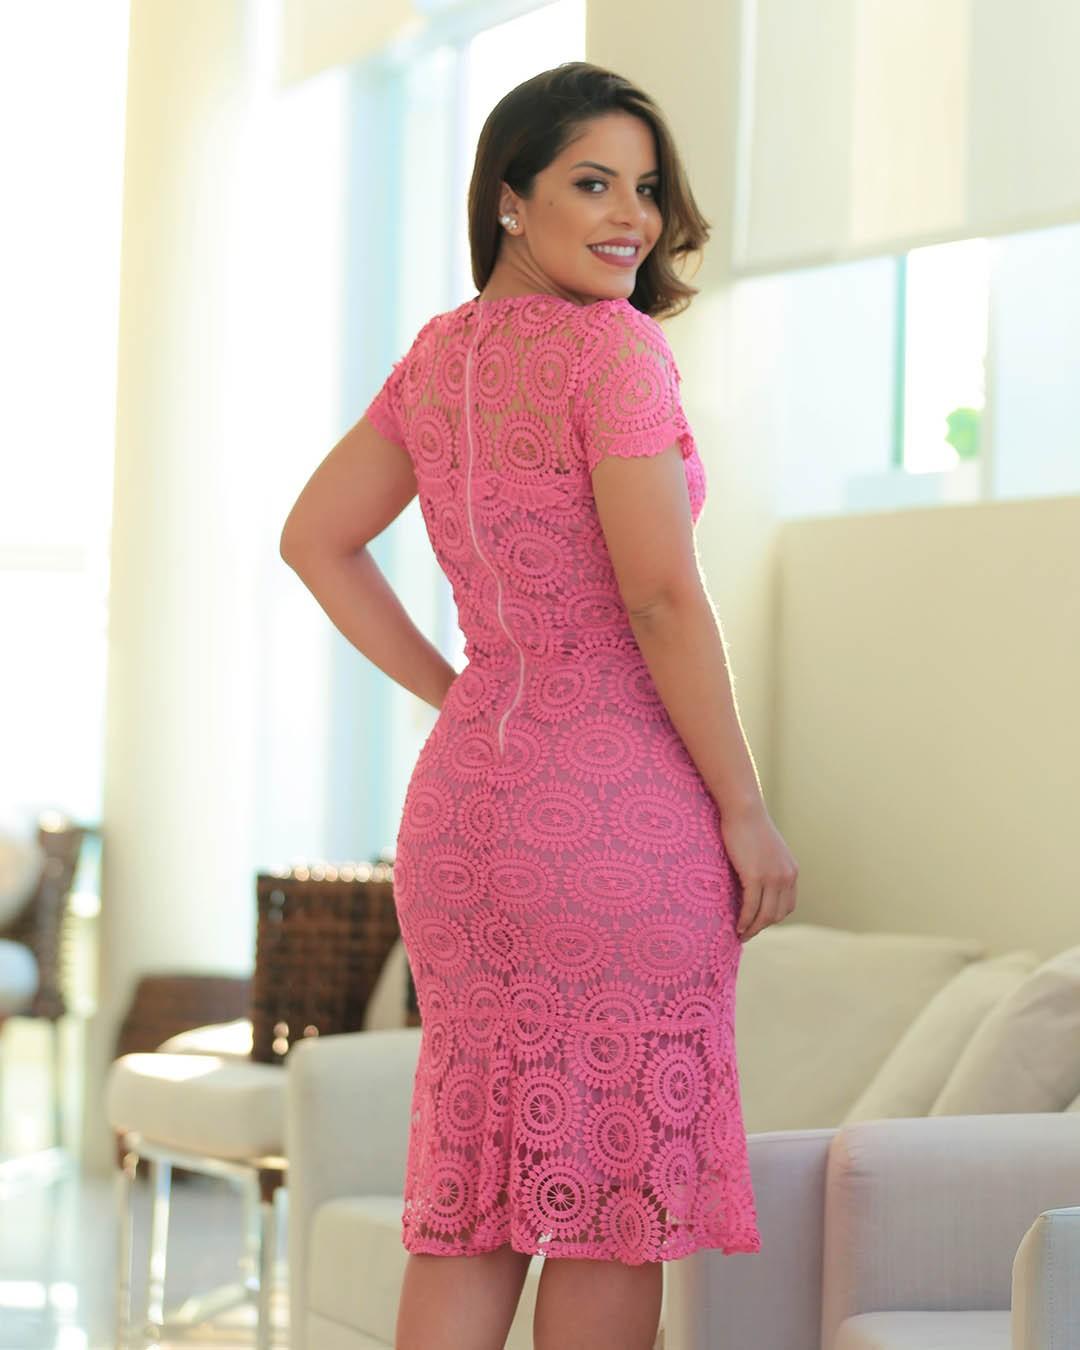 Vestido Midi em Guipir Rosa Az Irmãs Paola Santana